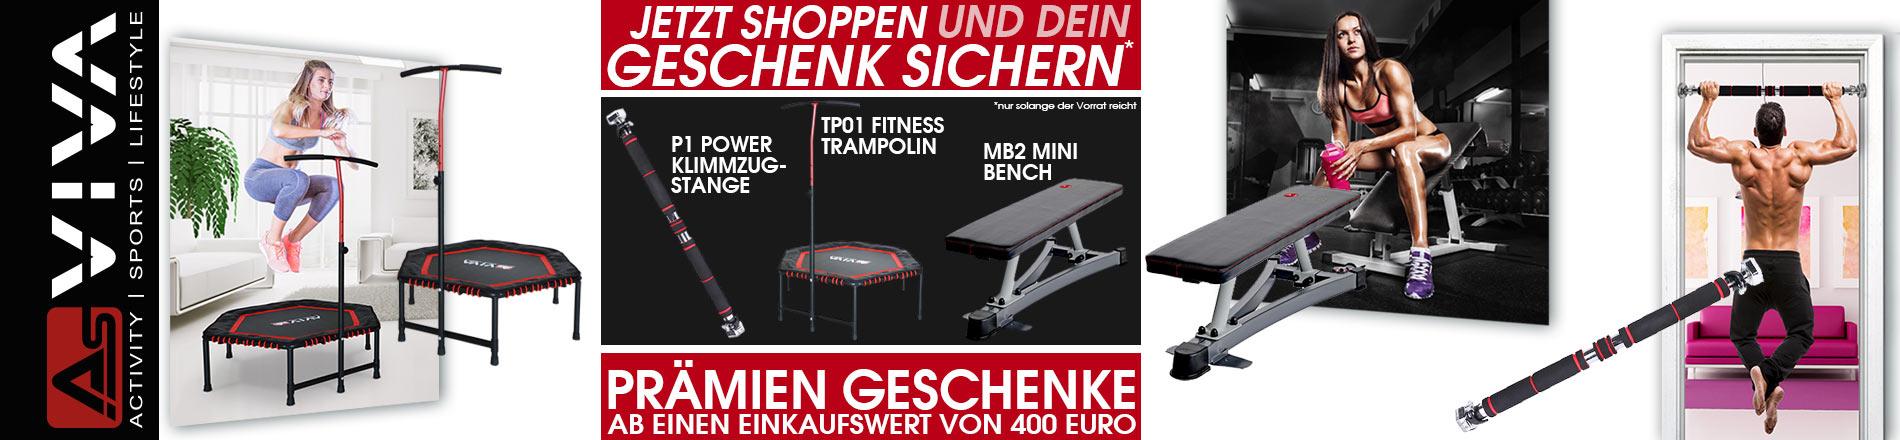 AsVIVA Power Prämien ab 400 € Einkaufswert für Fitnessgeräte, E-Bikes, E-Scooter, Keramikgrilss und Gartenmöbel